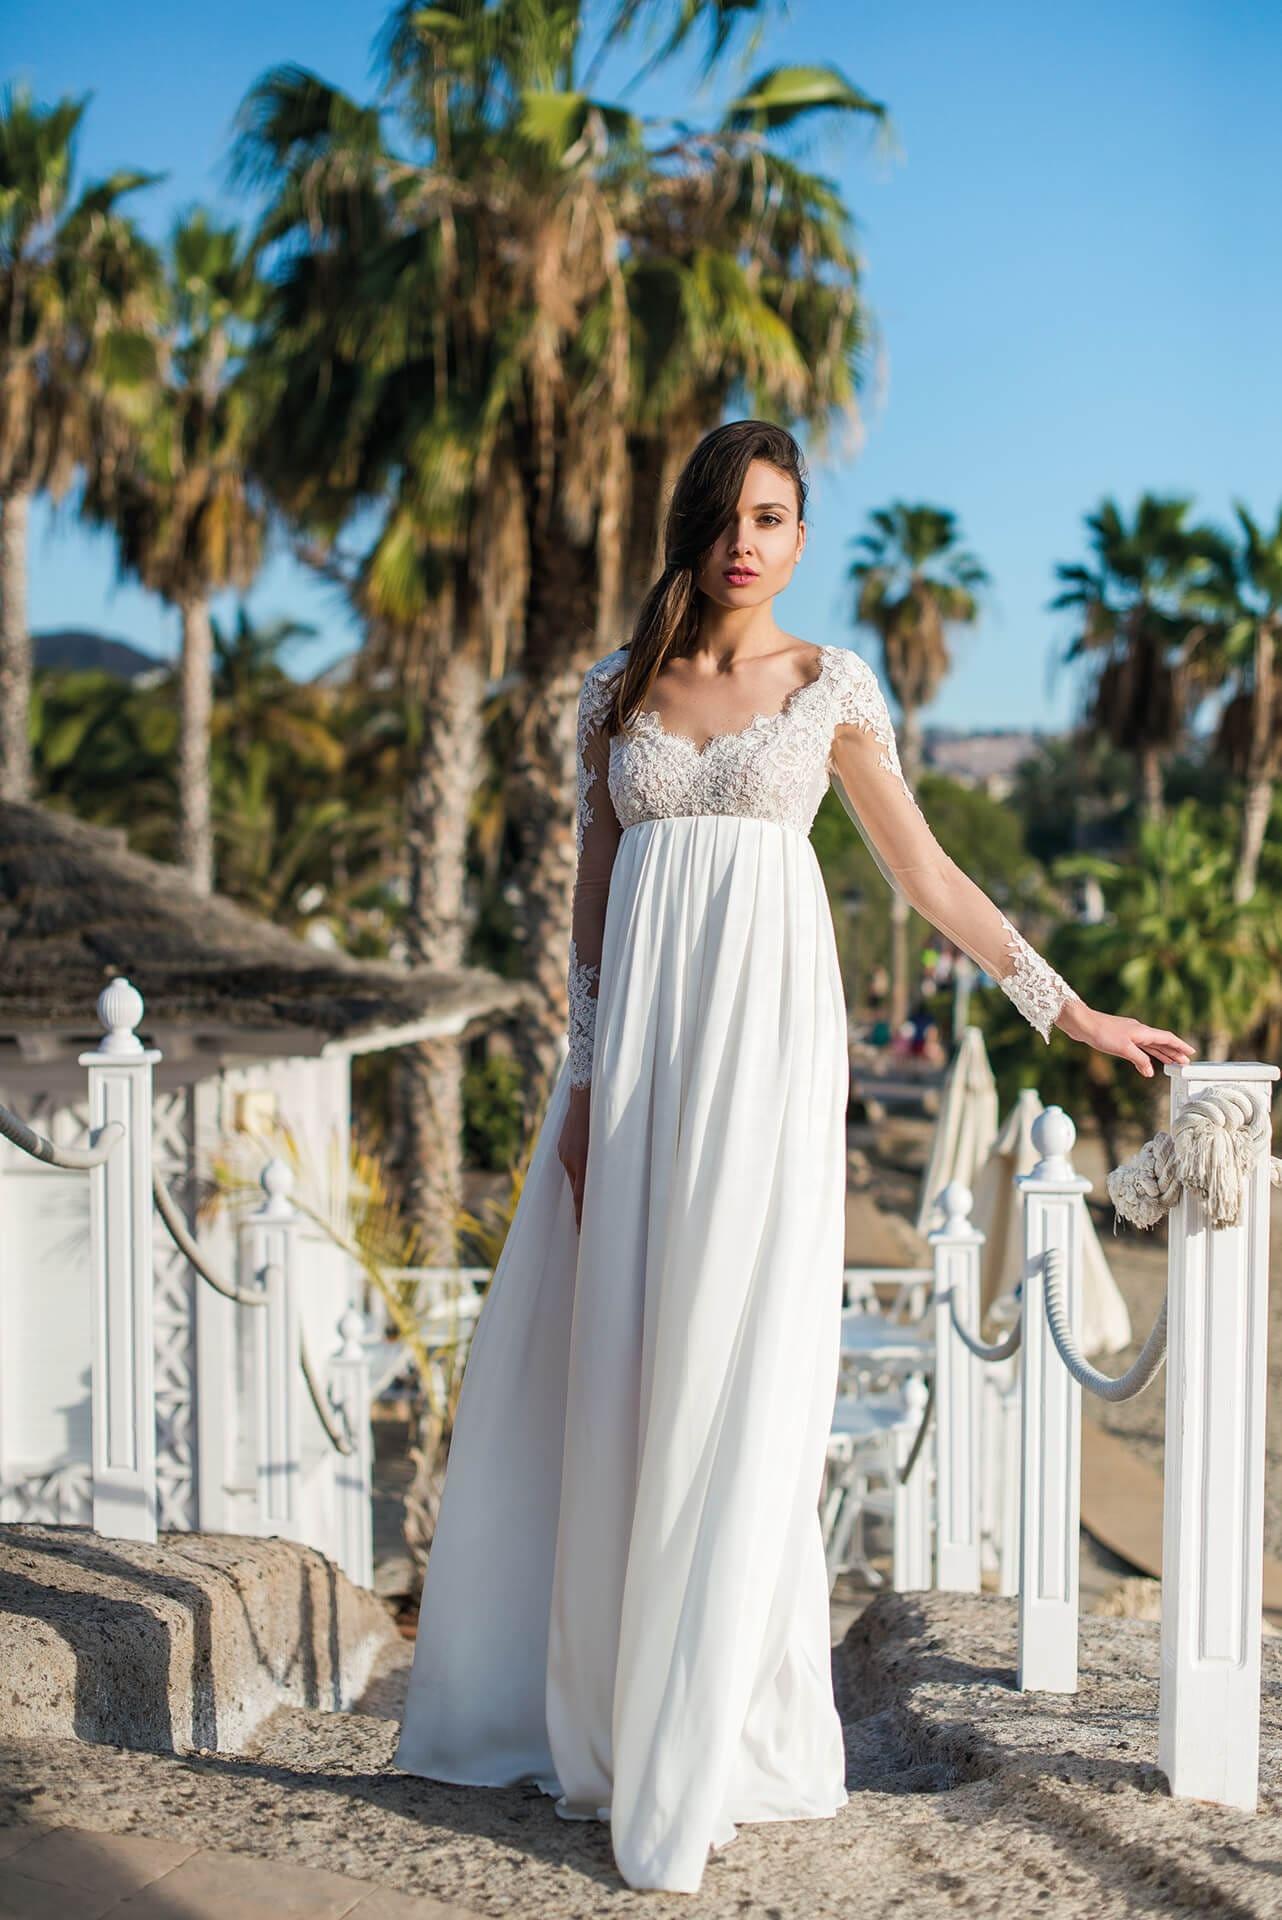 dc747525c69 China wedding skirts wholesale 🇨🇳 - Alibaba